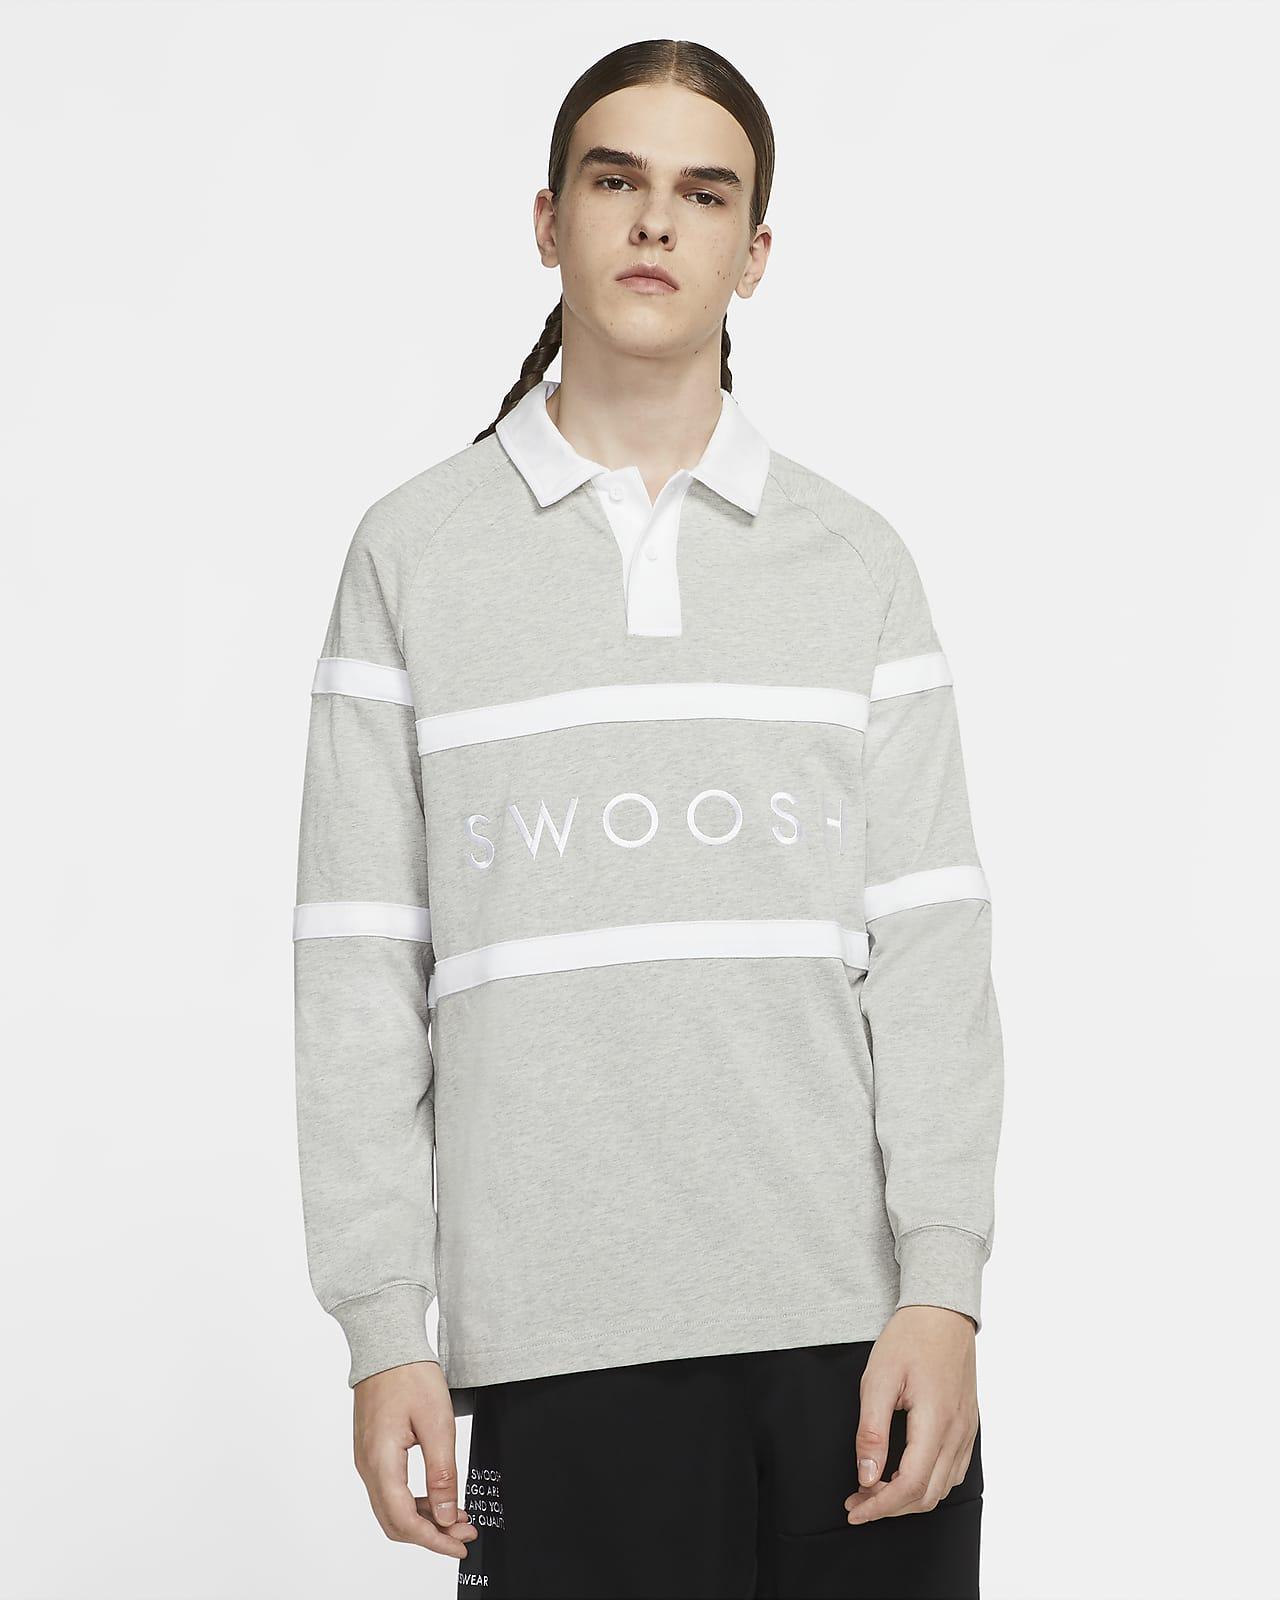 Nike Sportswear Swoosh 男子橄榄球T恤